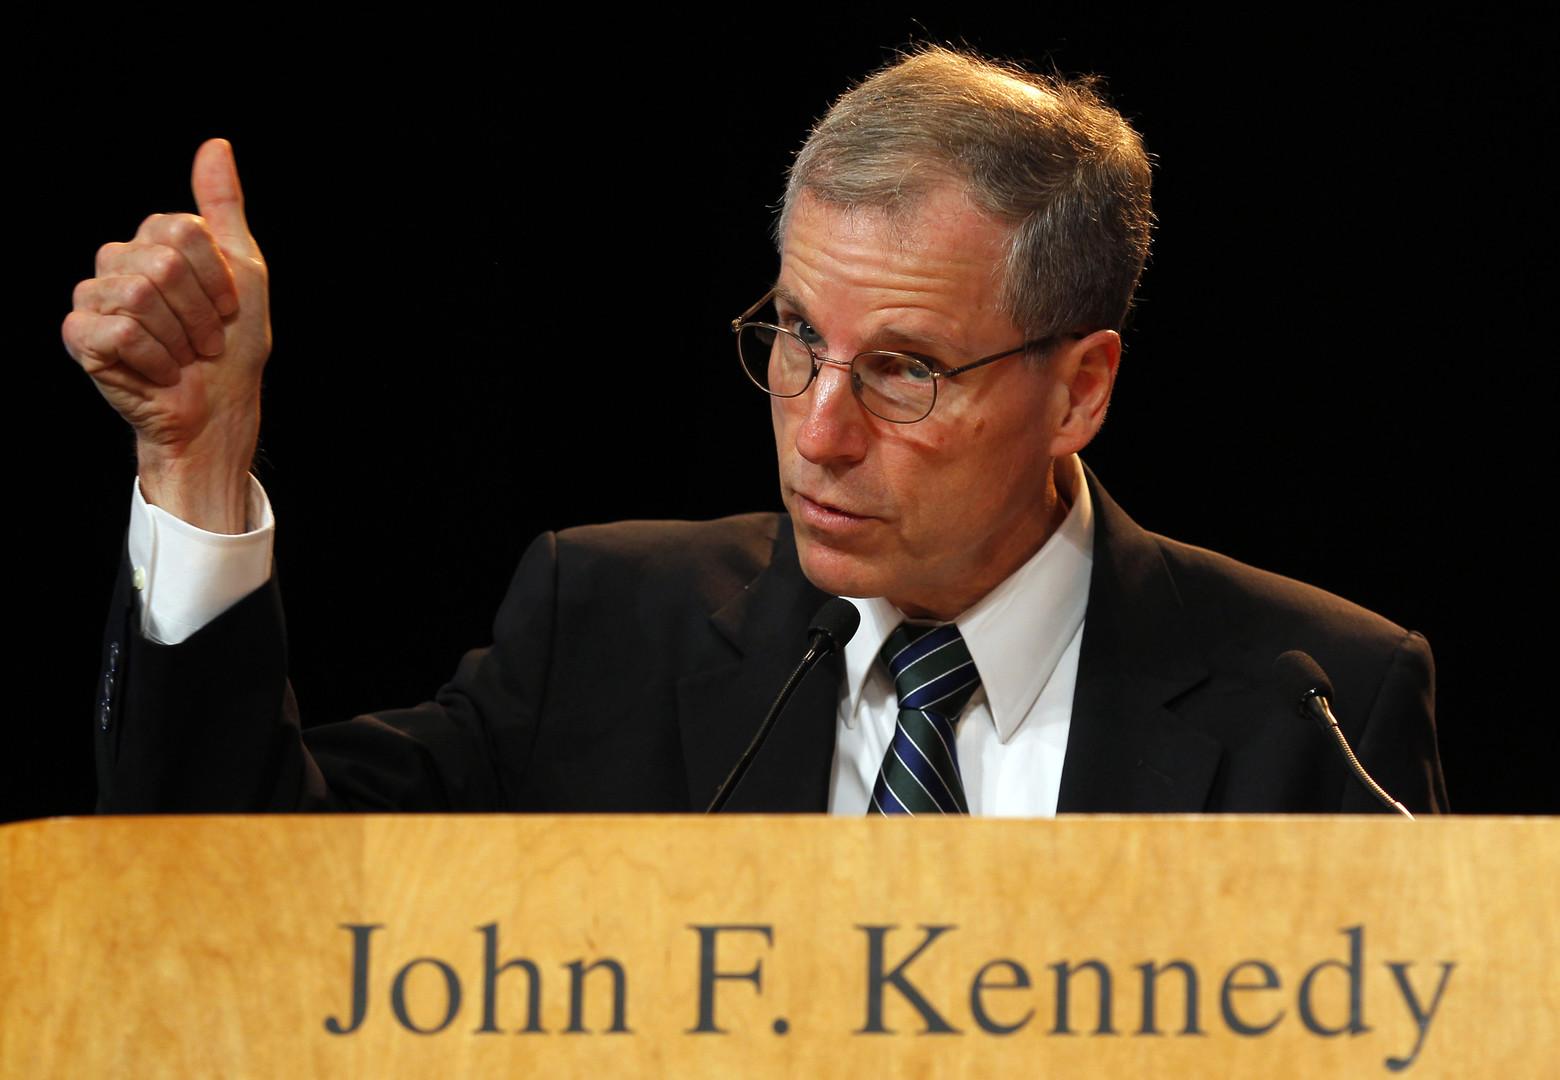 """Der amerikanische Botschafter in Syrien, Robert Ford, bei seiner Dankesrede für den """"John F. Kennedy Courage""""-Preis in Boston, Massachusetts am 7. Mai 2012."""